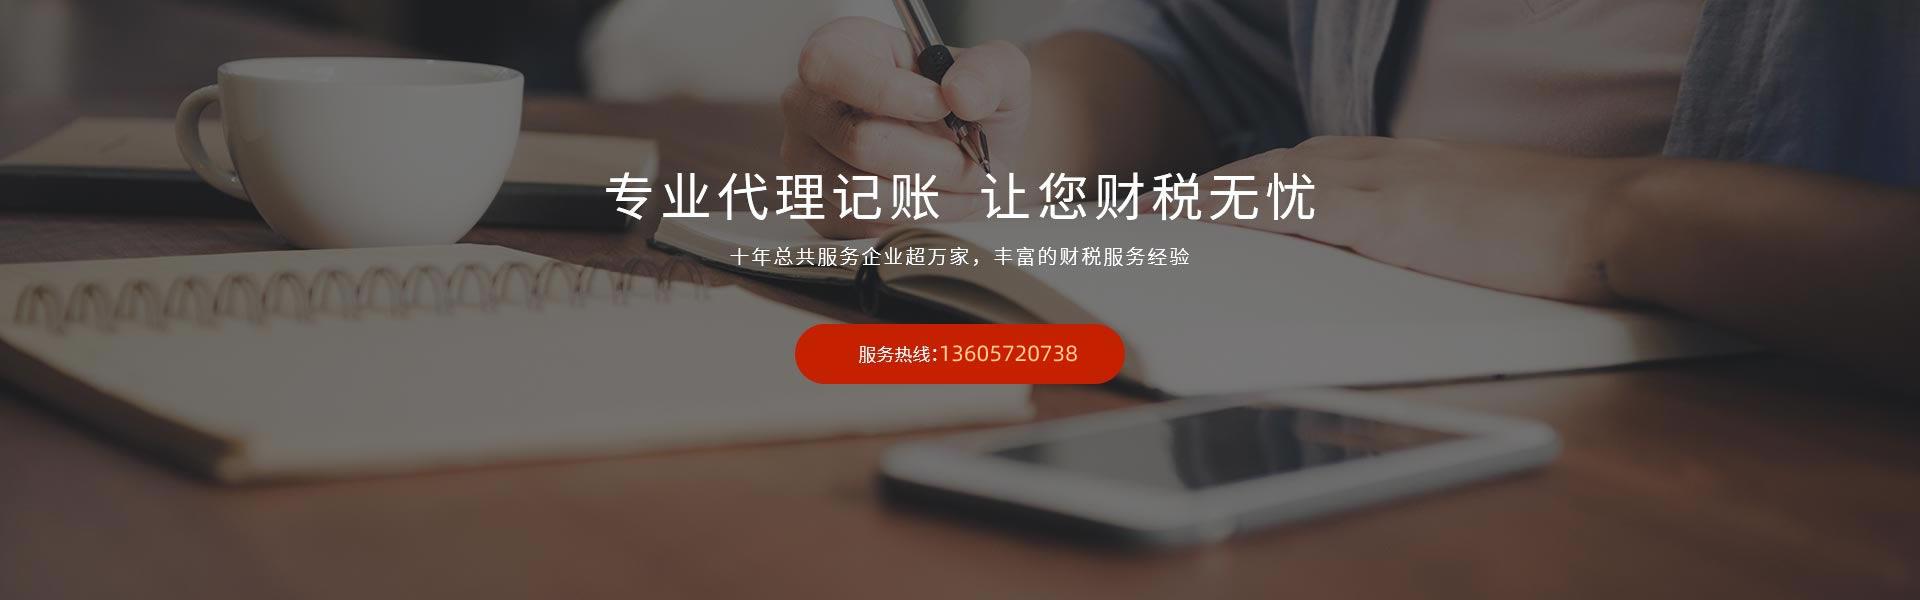 义乌公司注册代理